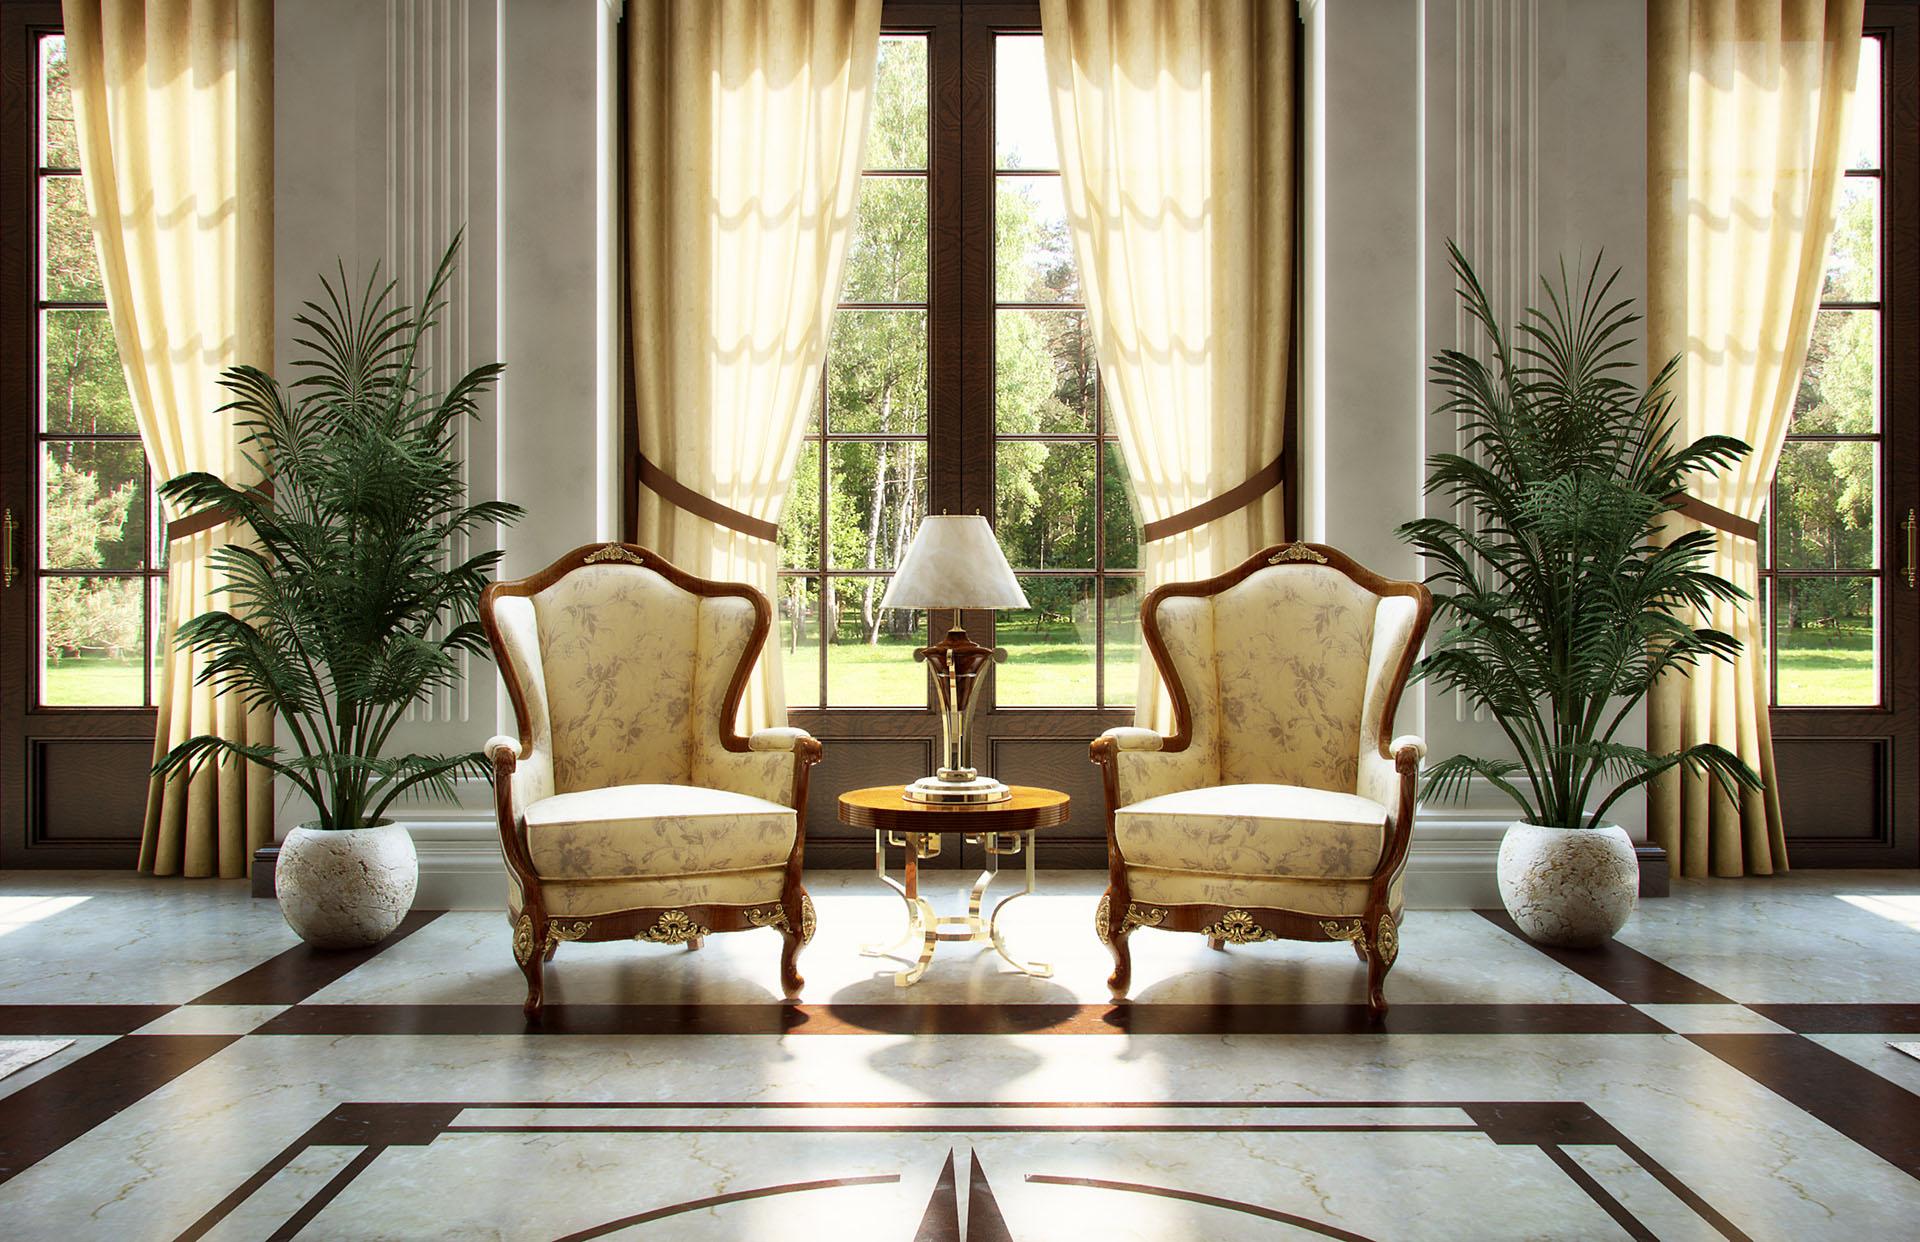 Taher Design Luxury Classic Interior (3).jpg